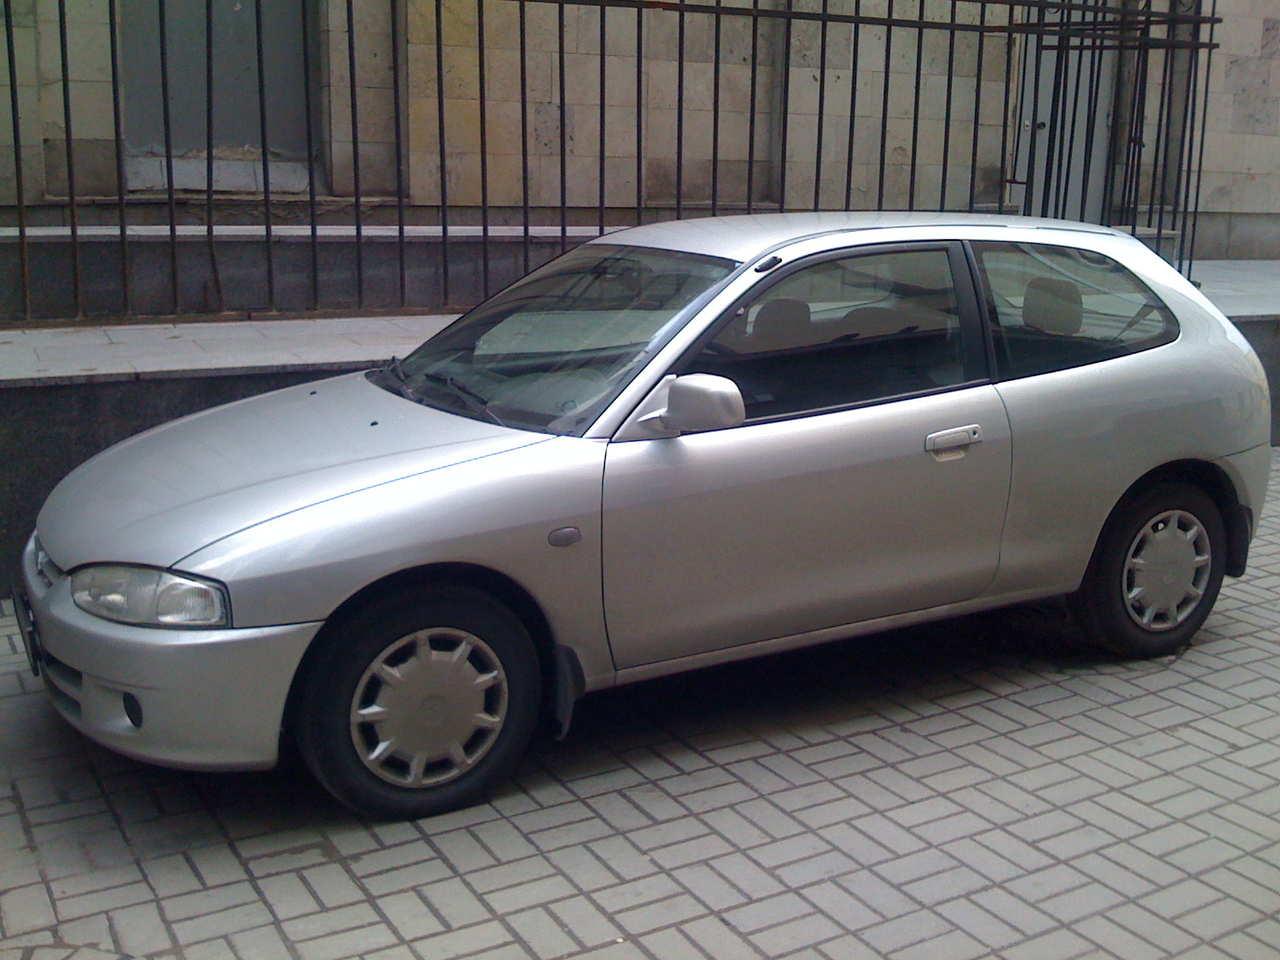 2000 Mitsubishi Colt Pictures 1600cc Gasoline Ff